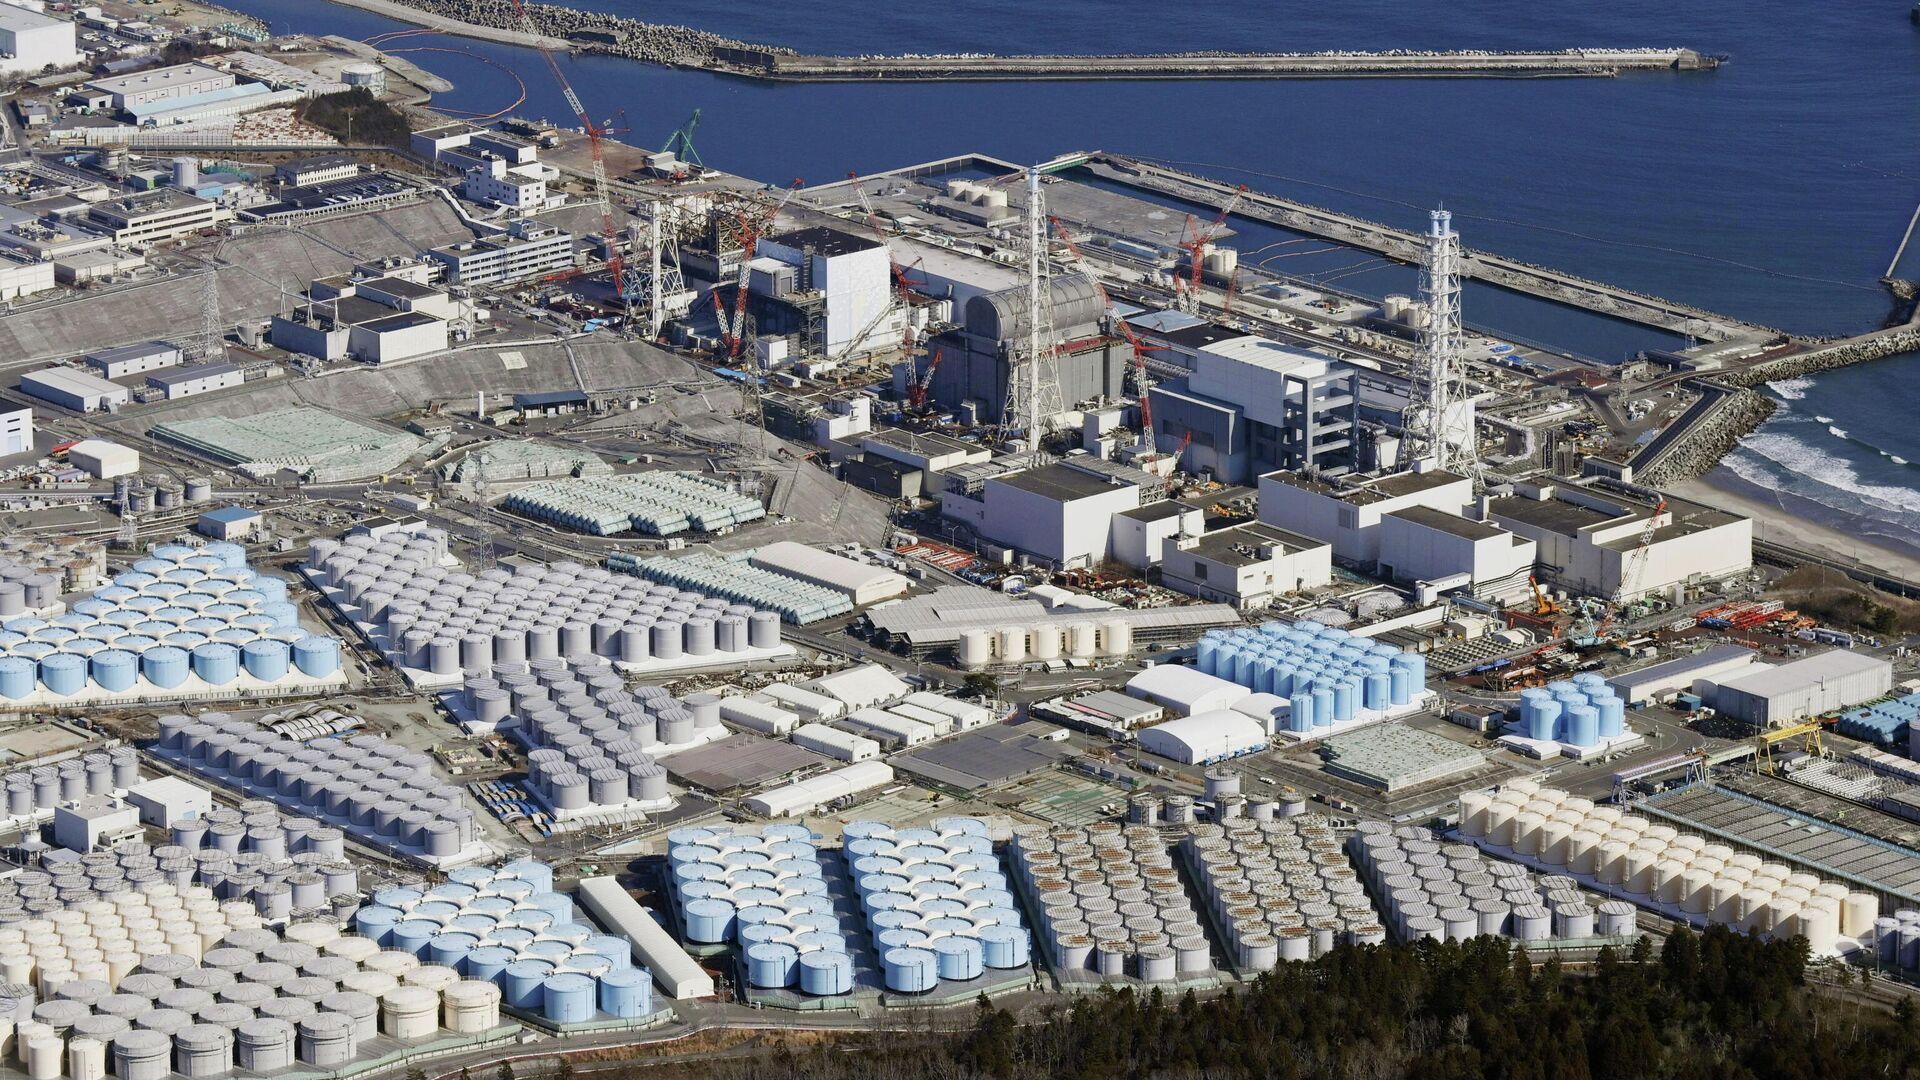 Вид с воздуха на резервуары для хранения воды на АЭС Фукусима, Япония - РИА Новости, 1920, 15.04.2021